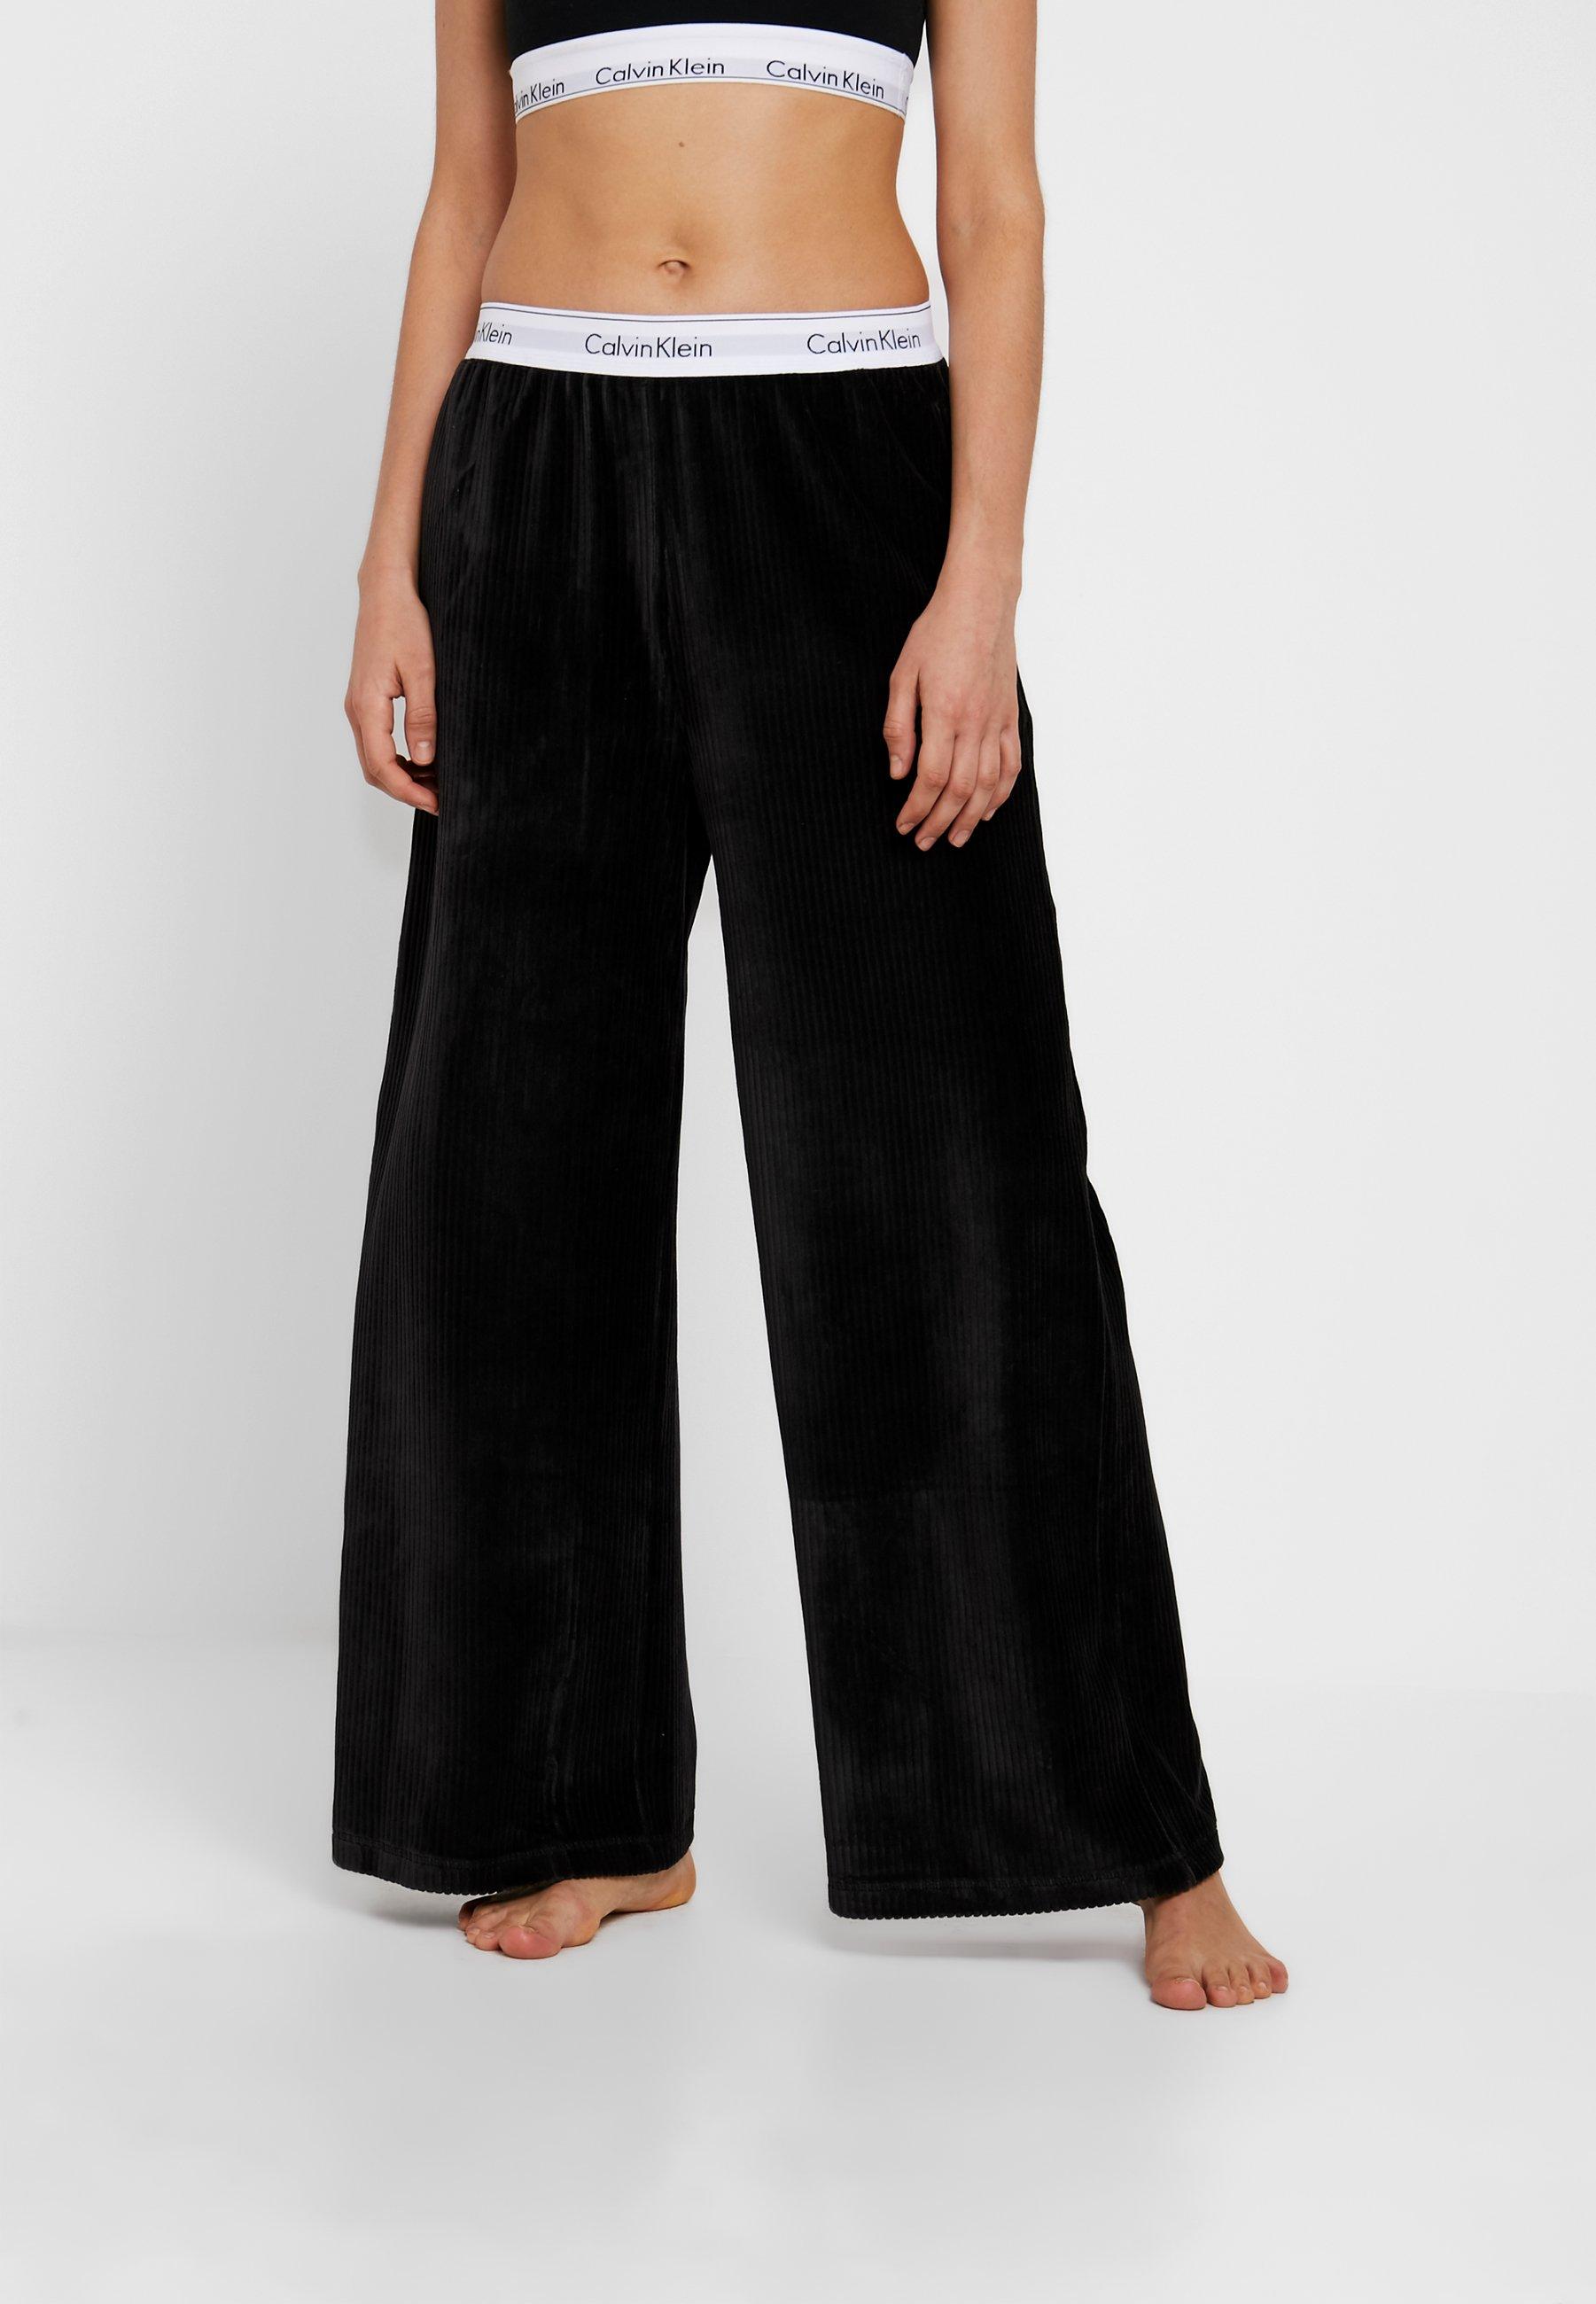 Calvin Klein Underwear Sleep Pant - Pyjamasbukse Black